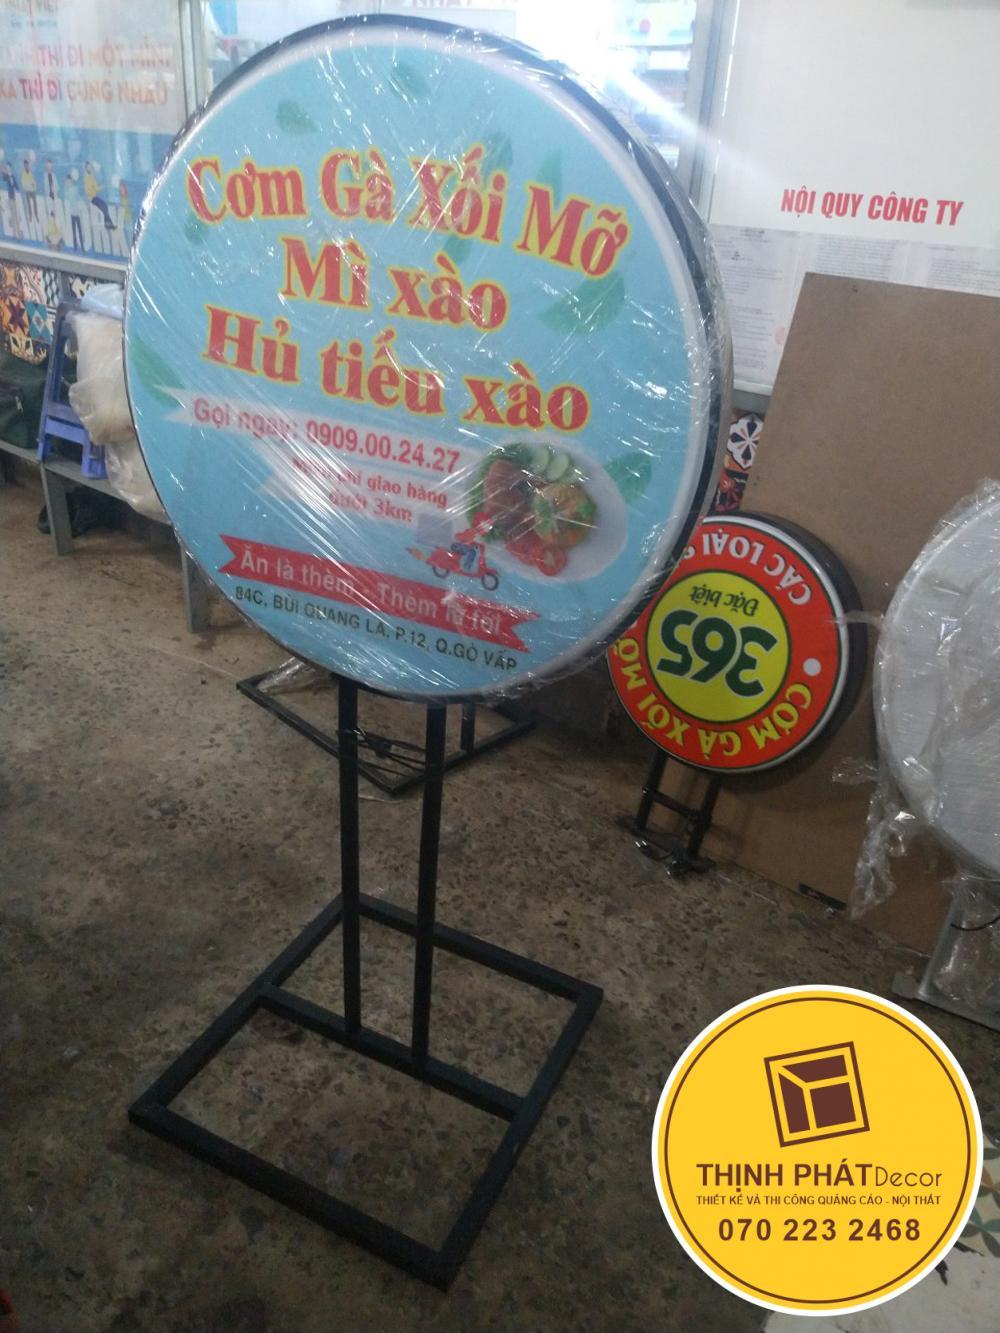 Thi công bảng hiệu hộp đèn quảng cáo giá rẻ tại TPHCM